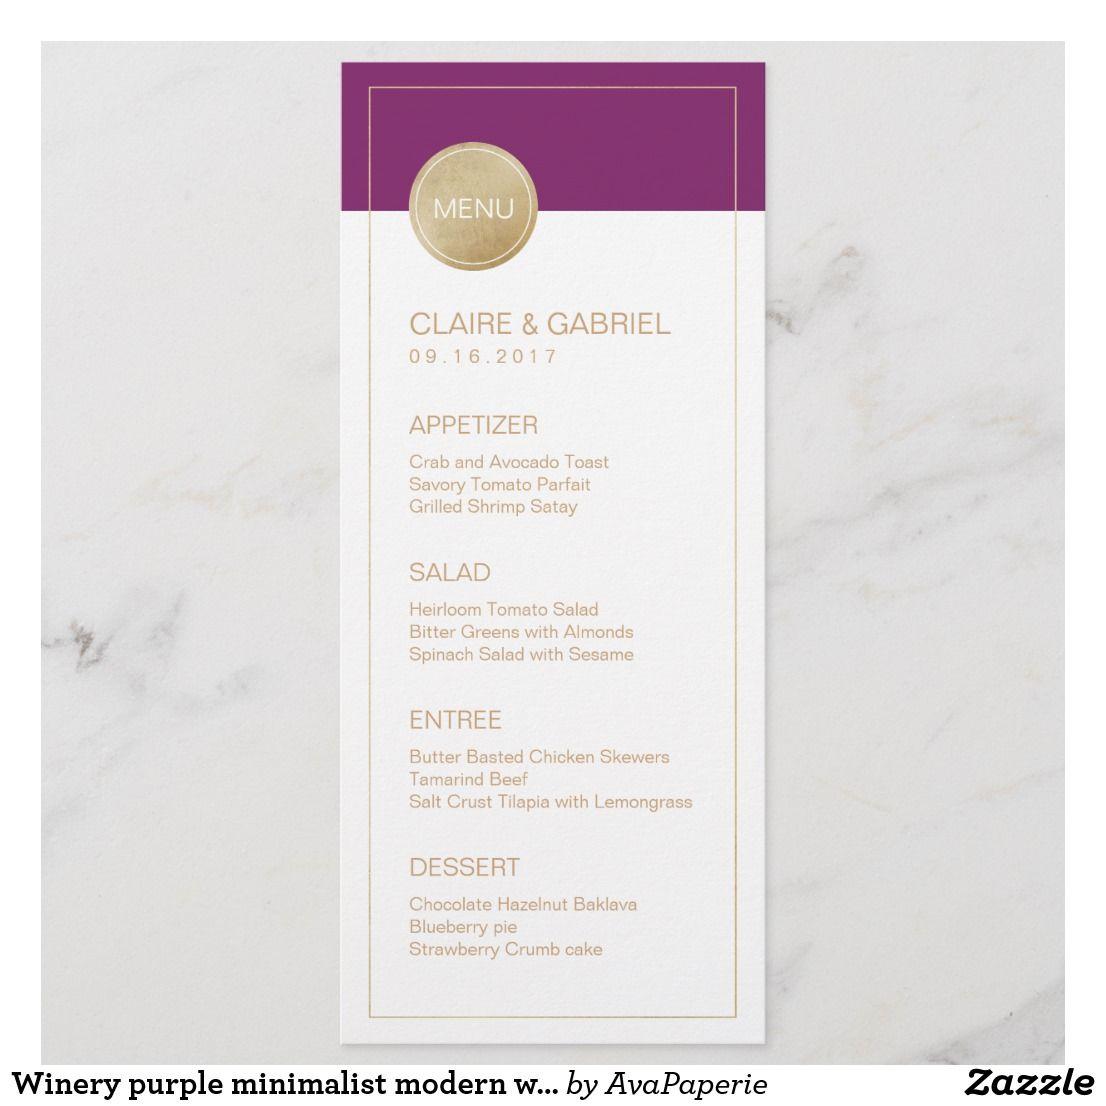 winery purple minimalist modern wedding menu  zazzle